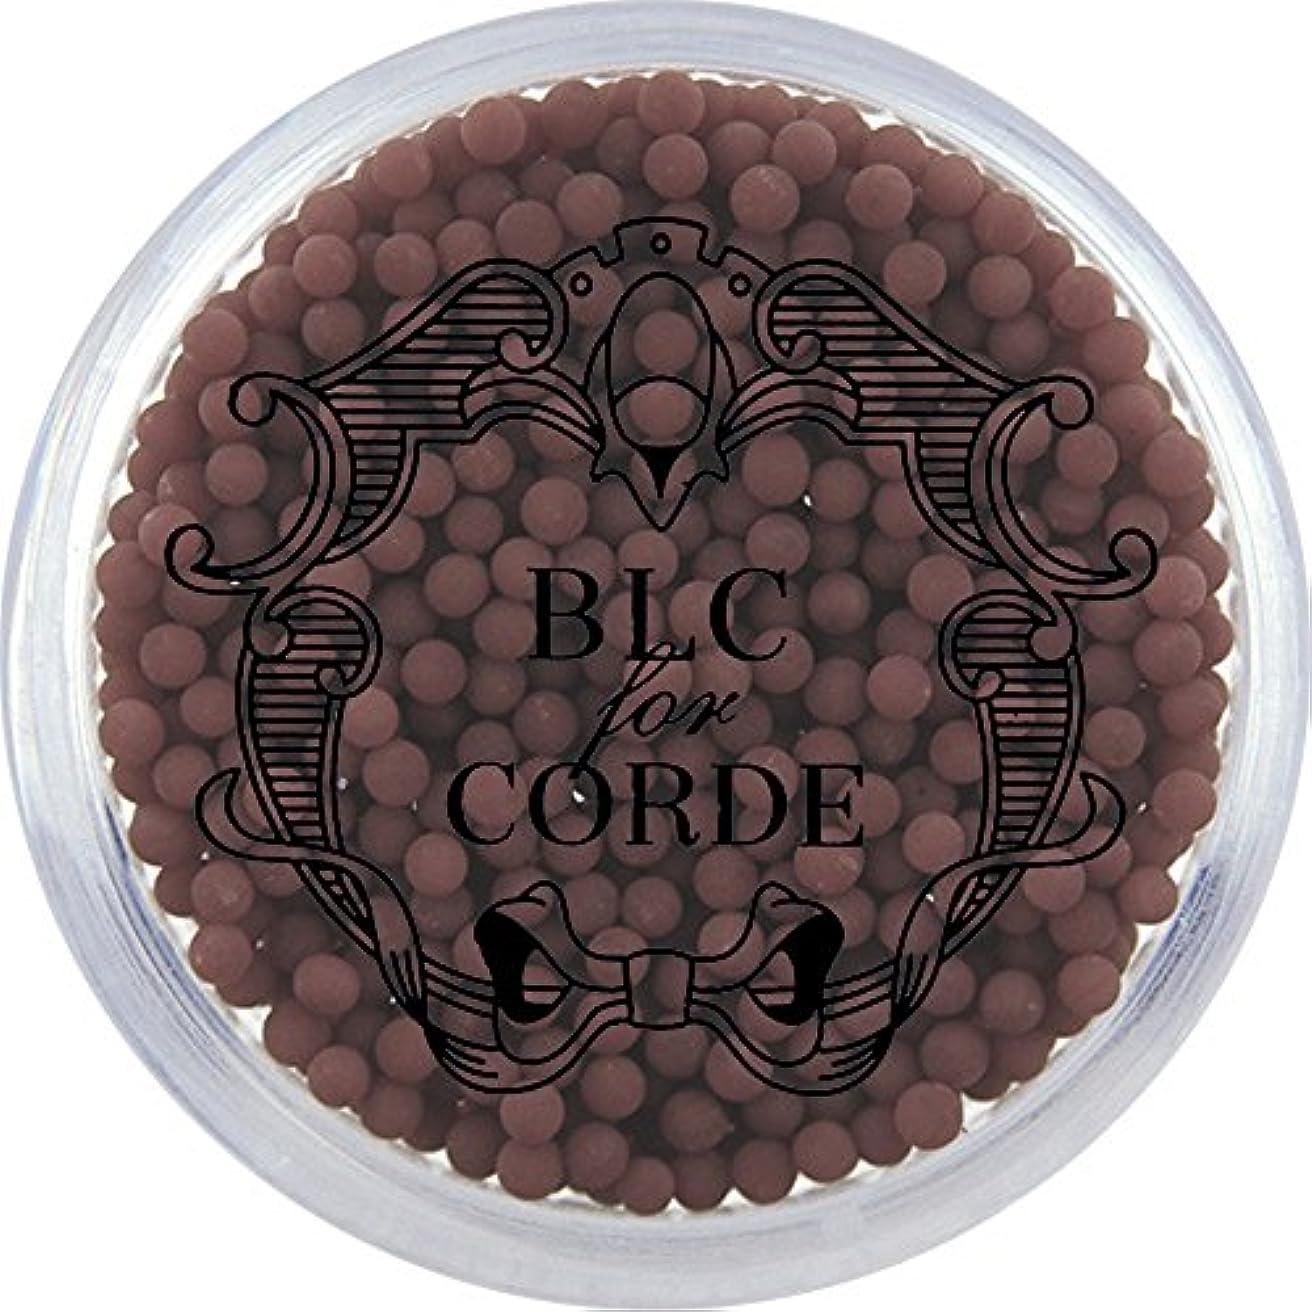 溶けた小道ラウズBLC FOR CORDE ガラスブリオン チョコブラウン 約1.5mm